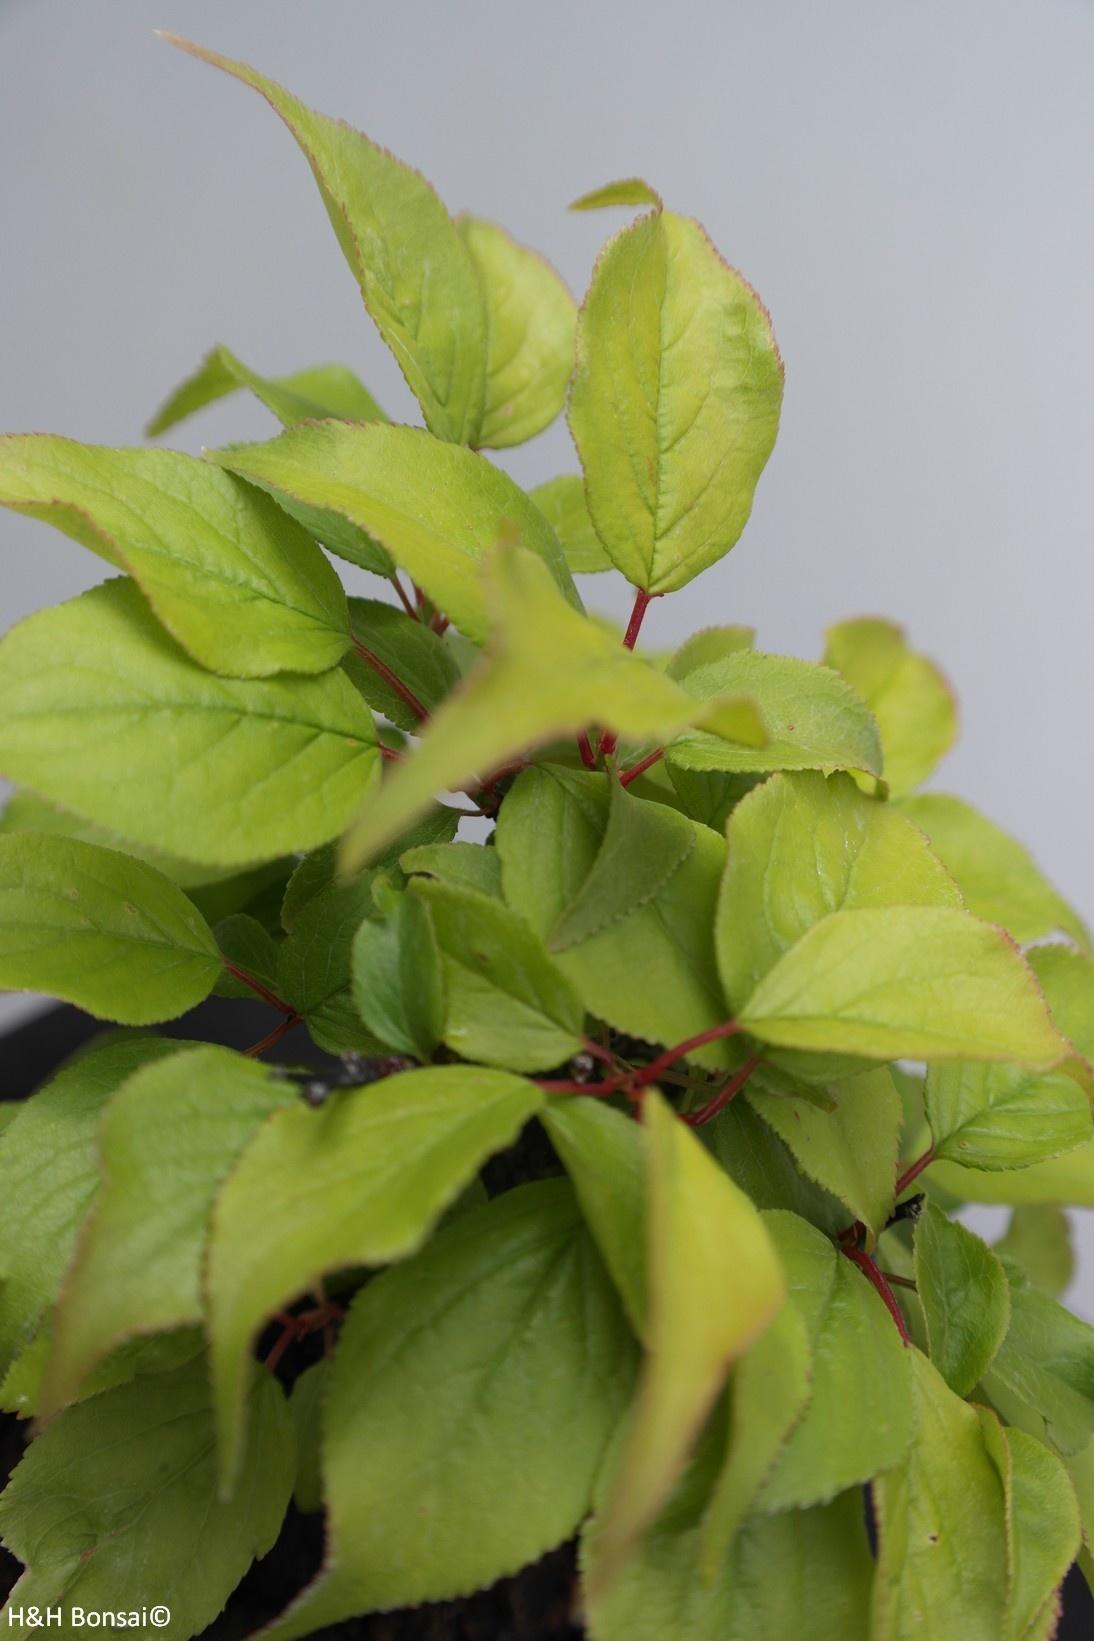 Bonsai Shohin Prunus mume, Japanse abrikoos, nr. 7780